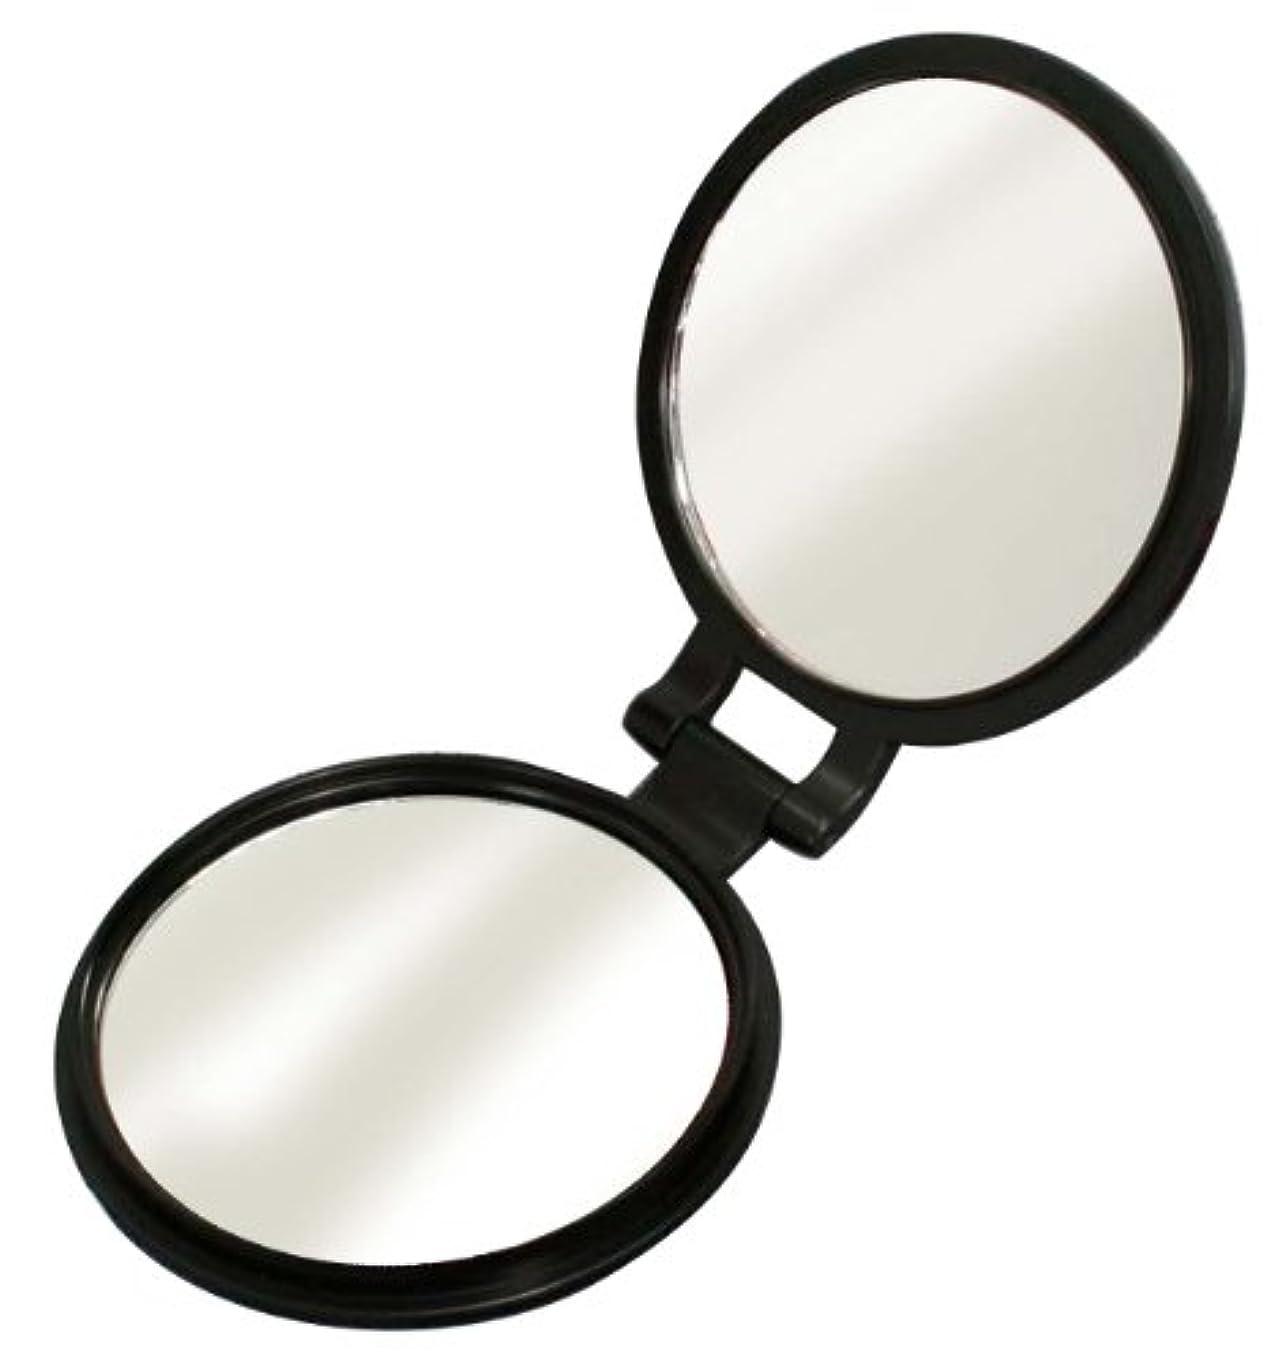 メタルライン気になる除外する10倍拡大鏡付き 両面コンパクトミラー YL-10